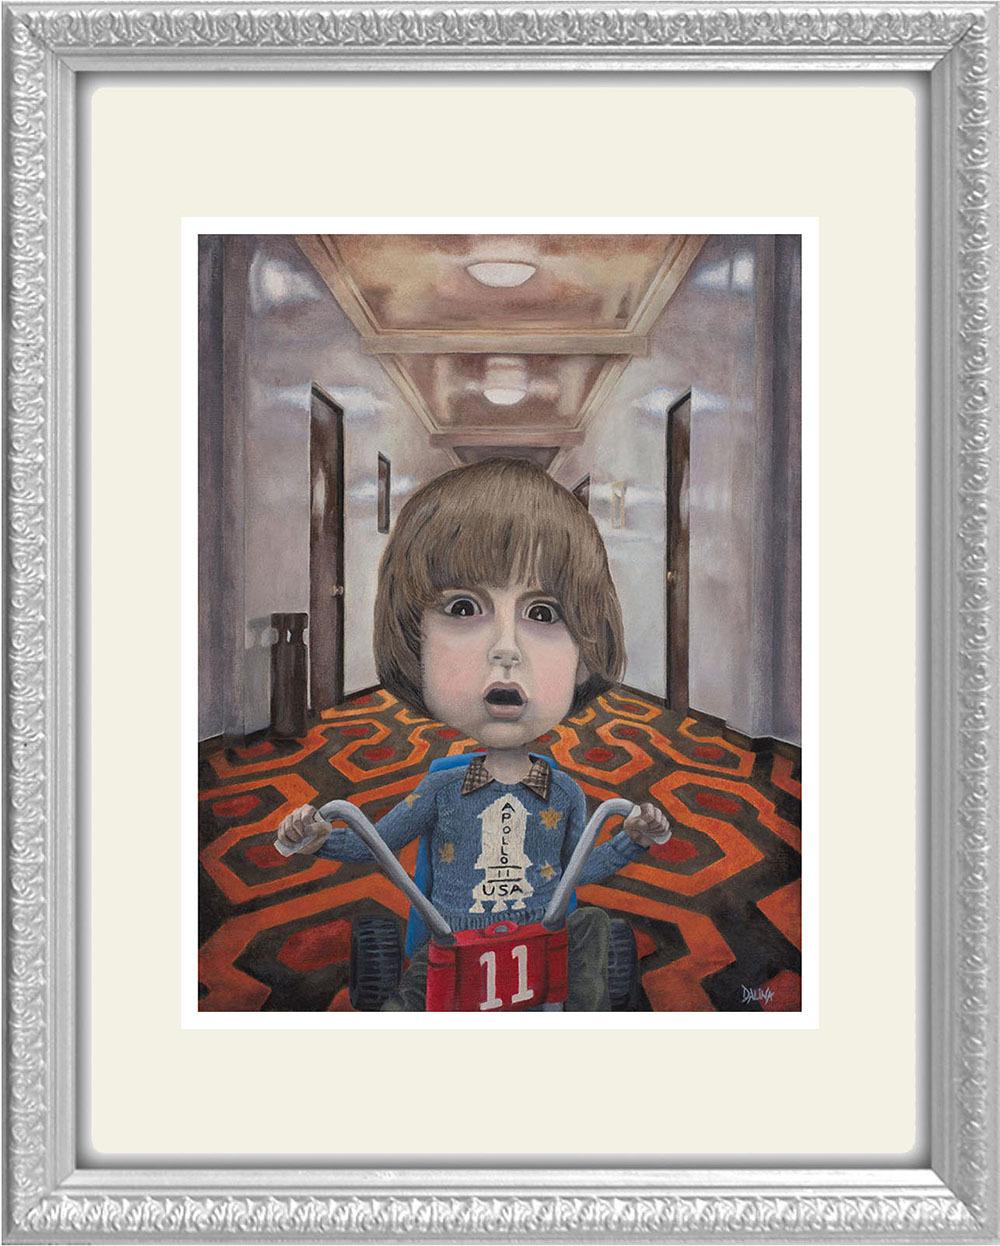 ダリーナの『シャイニング』ジークレー版画3点セット、発売中_a0077842_19130540.jpg